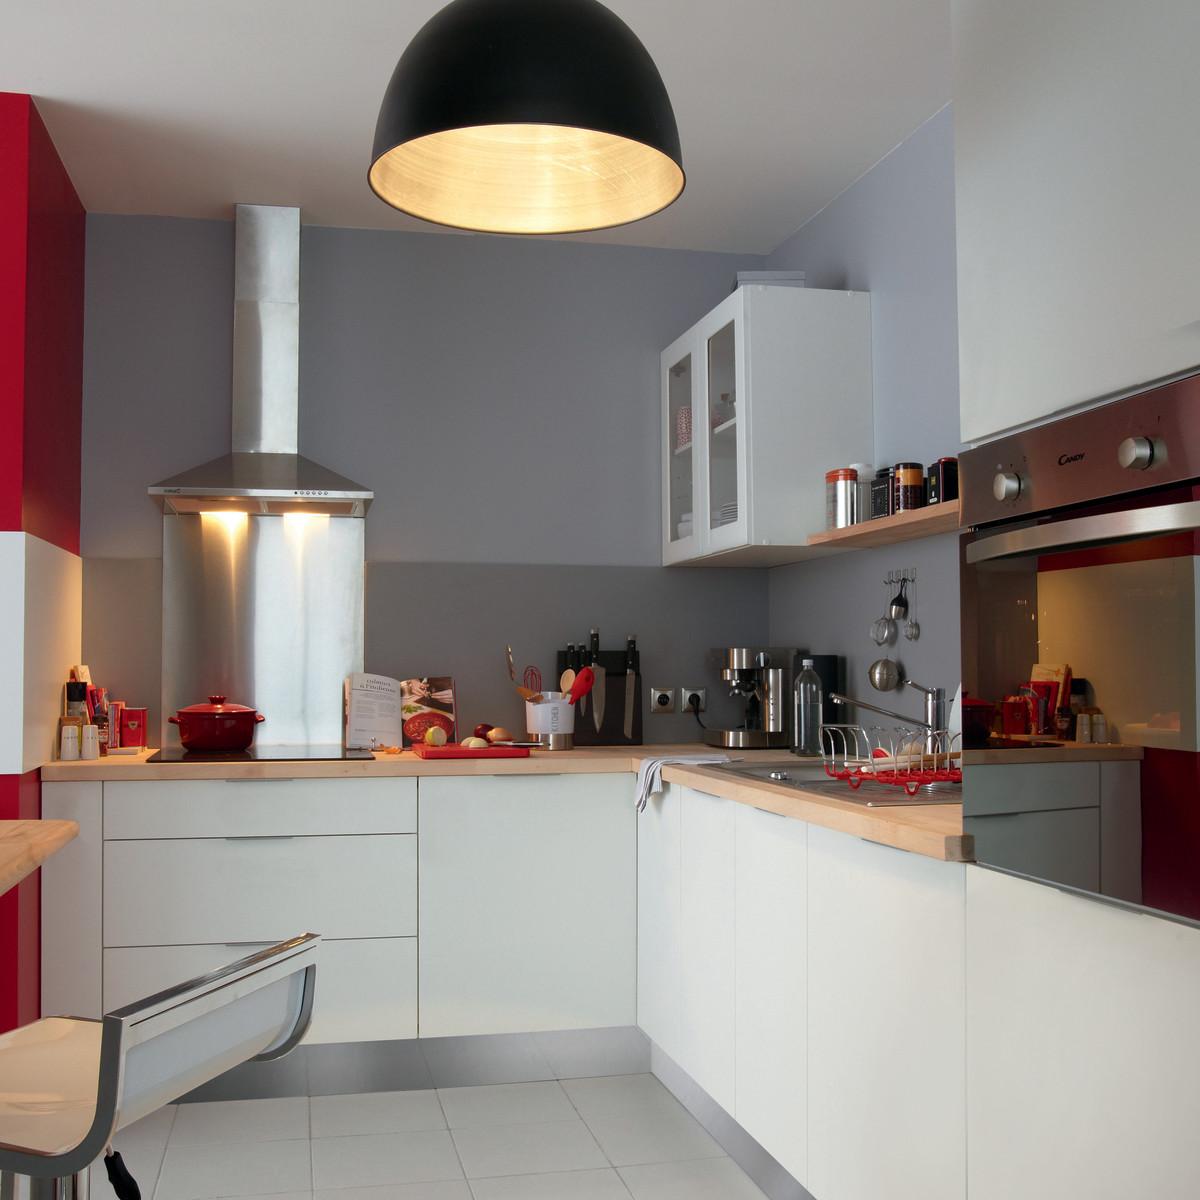 Camere per ragazze americane for Prezzi cucine componibili